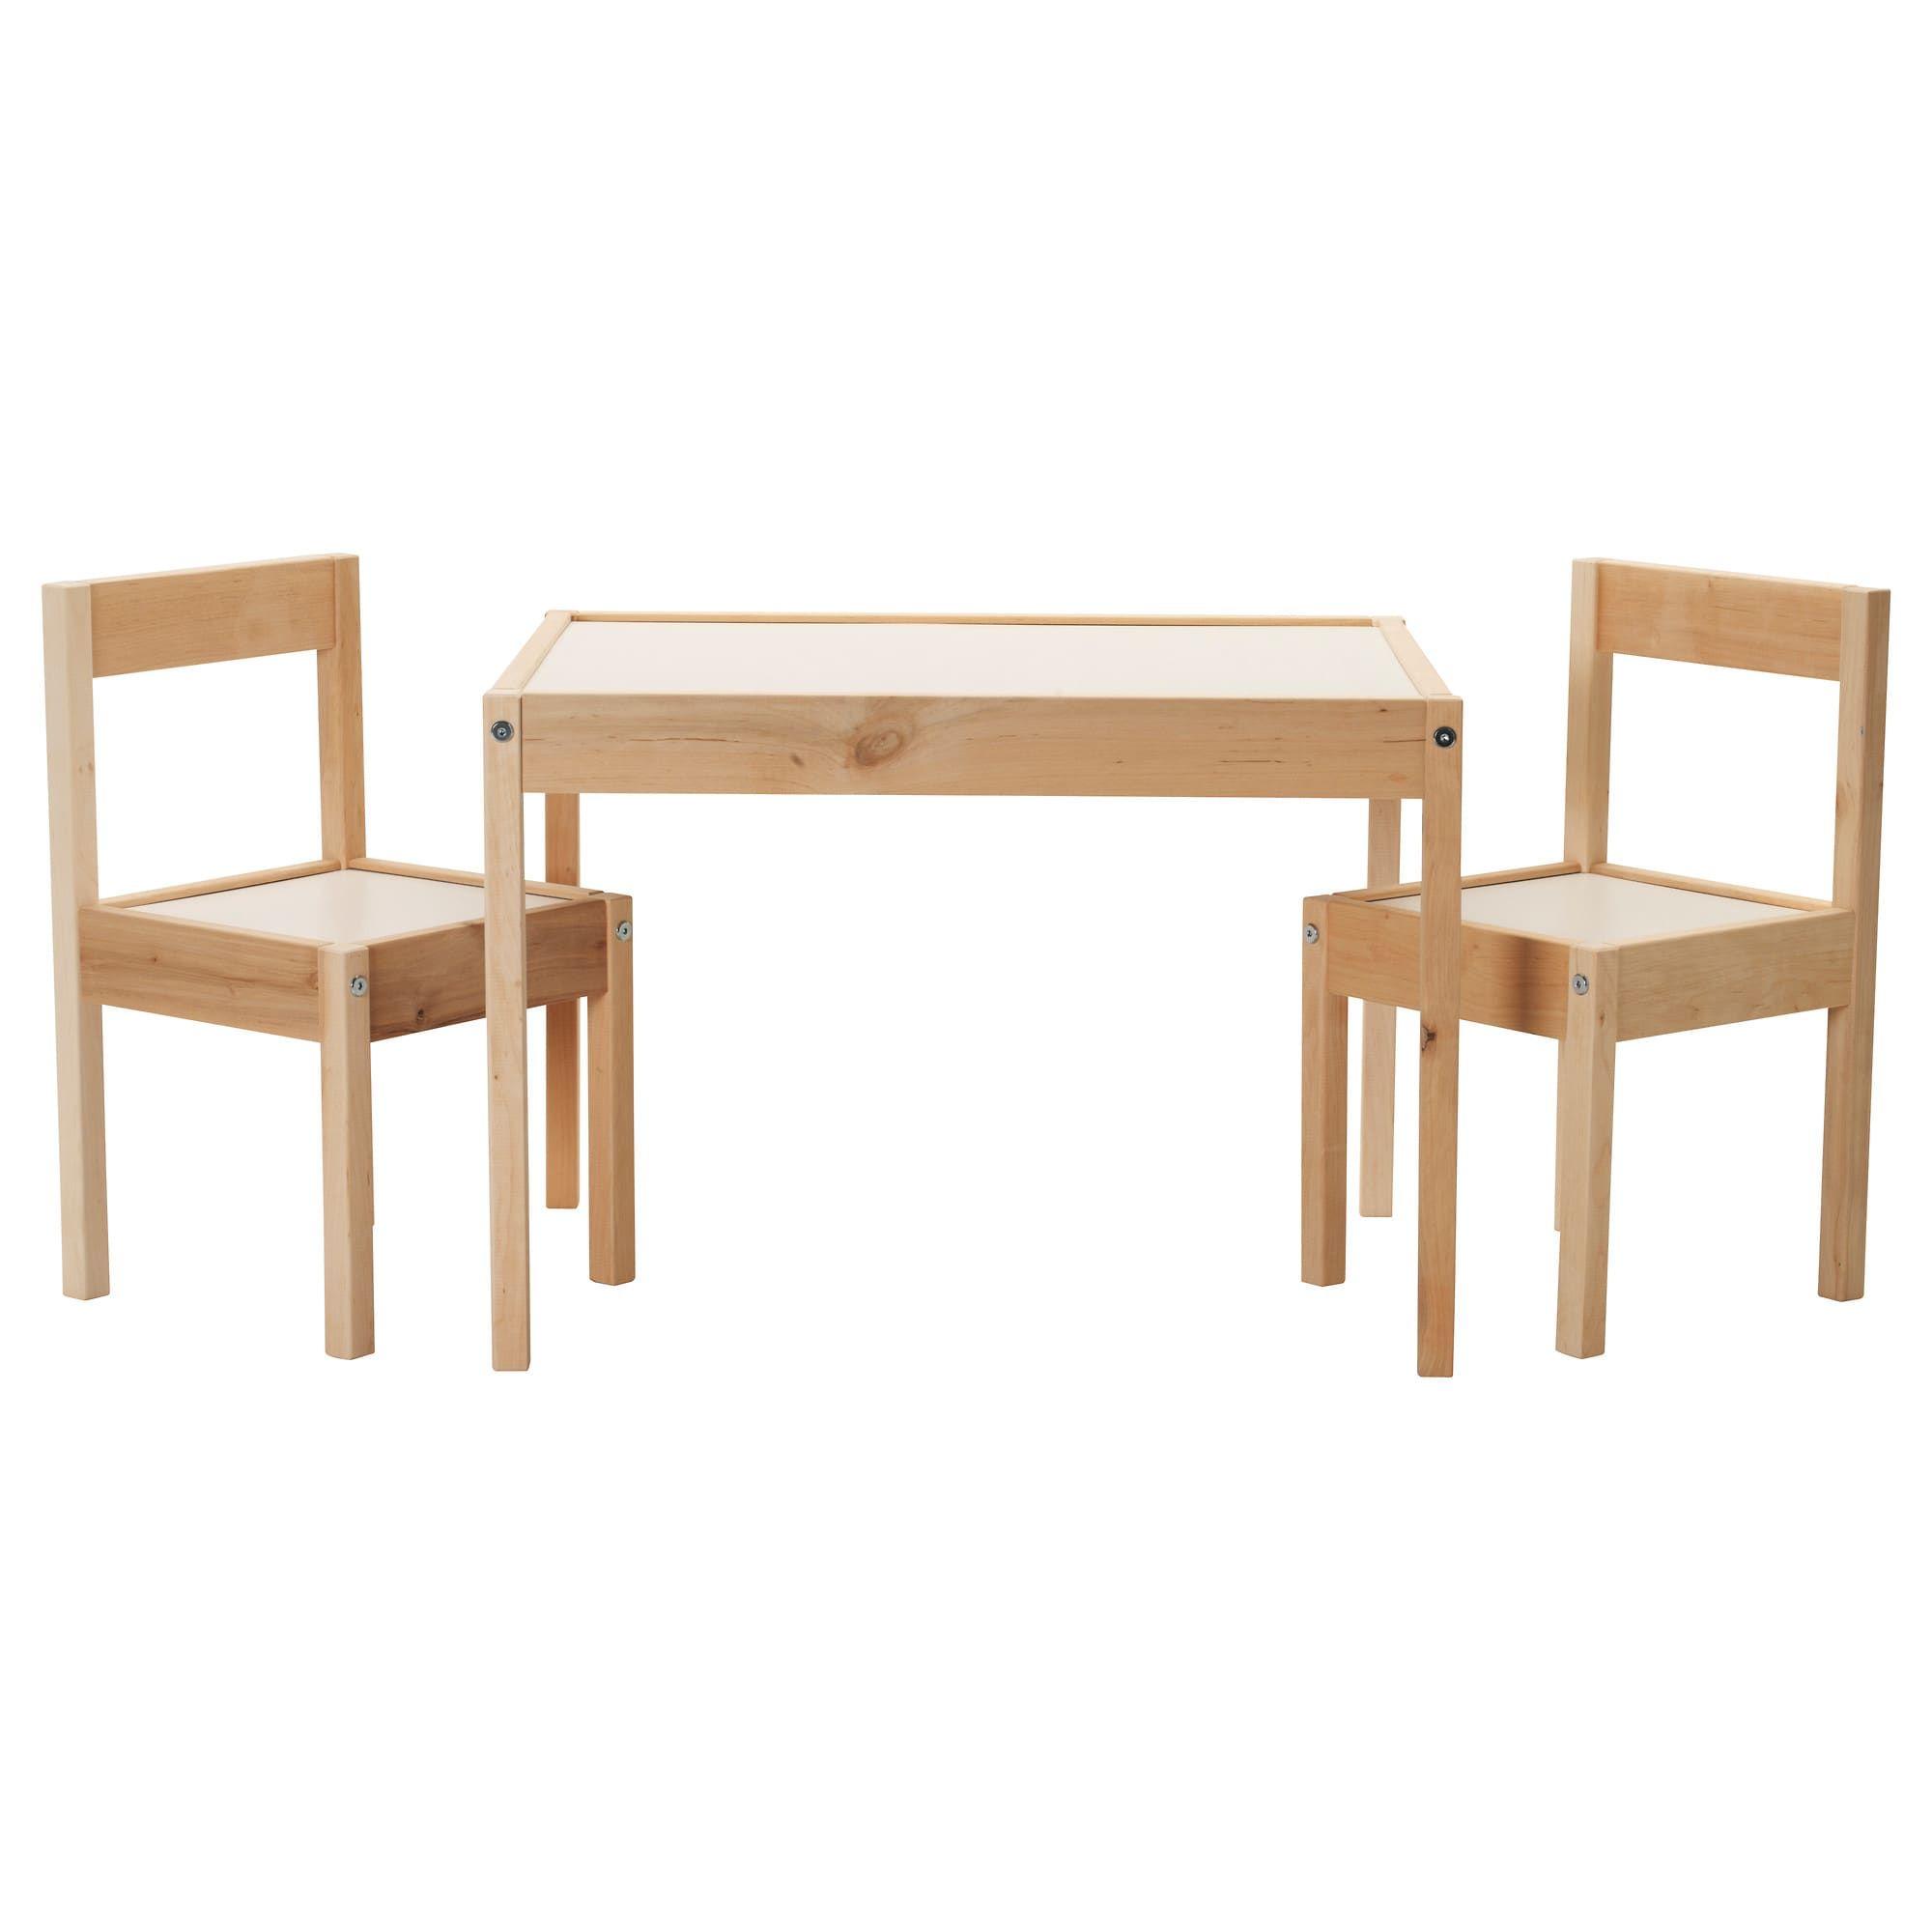 Basteltisch Fur Kinder Ideenreich Aus Ikea Latt Kindertisch Ikea Kinder Tisch Und Stuhle Kindertisch